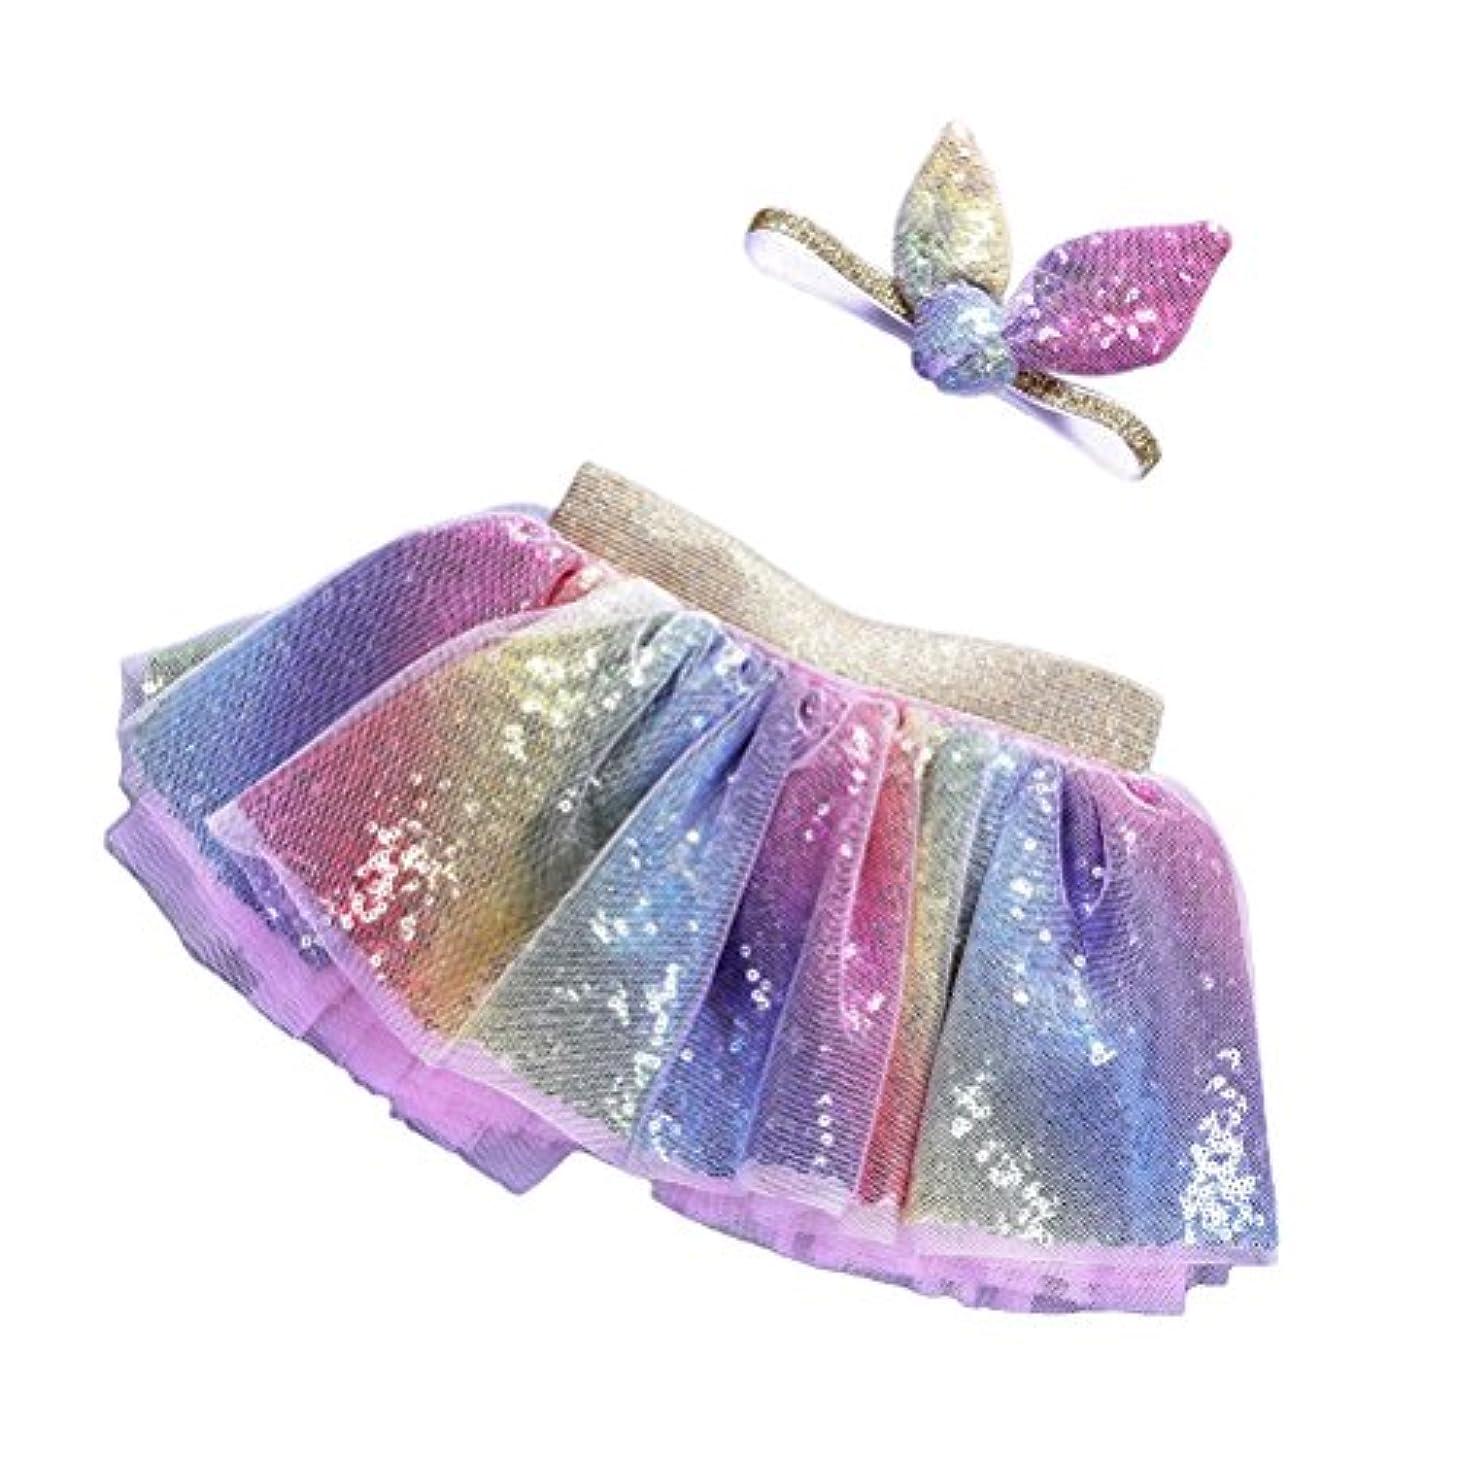 LUOEM 2PCSレインボーツツースカート(ヘッドバンド付き)プリンセスガールツツーの服装ベビーガールズ誕生日の服セットサイズM(2?5歳)